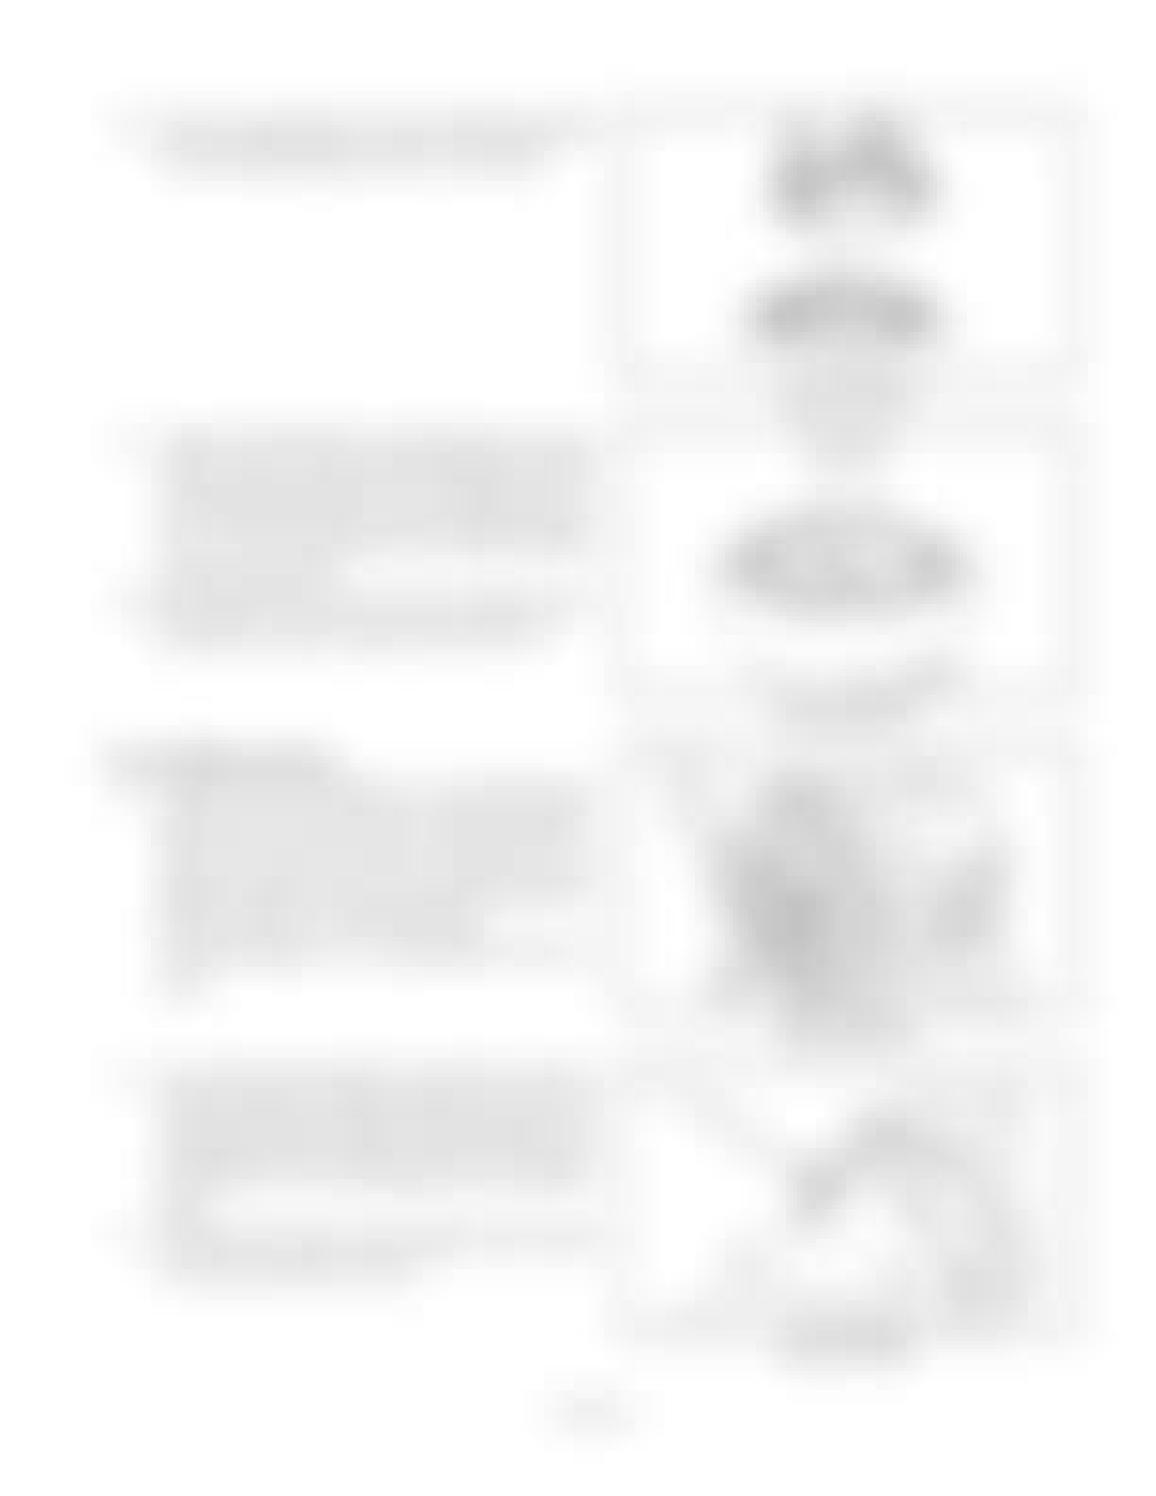 Hitachi LX110-7 LX130-7 LX160-7 LX190-7 LX230-7 Wheel Loader Workshop Manual - PDF DOWNLOAD page 249